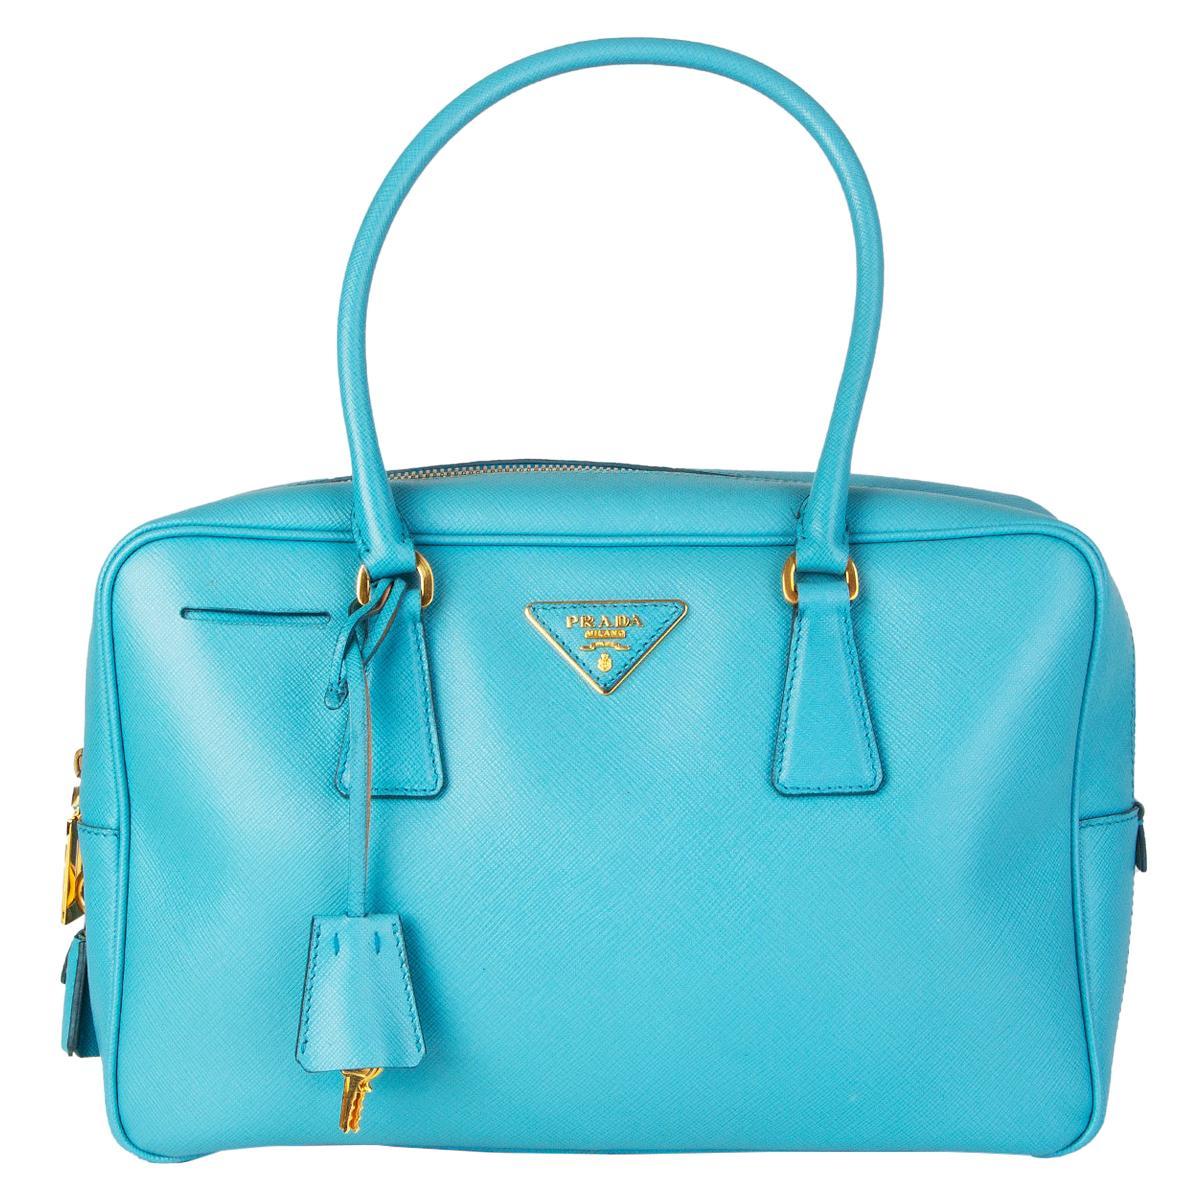 PRADA Voyage blue Suffiano Lux leather BL0095 SCARLATTO Shoulder Bag